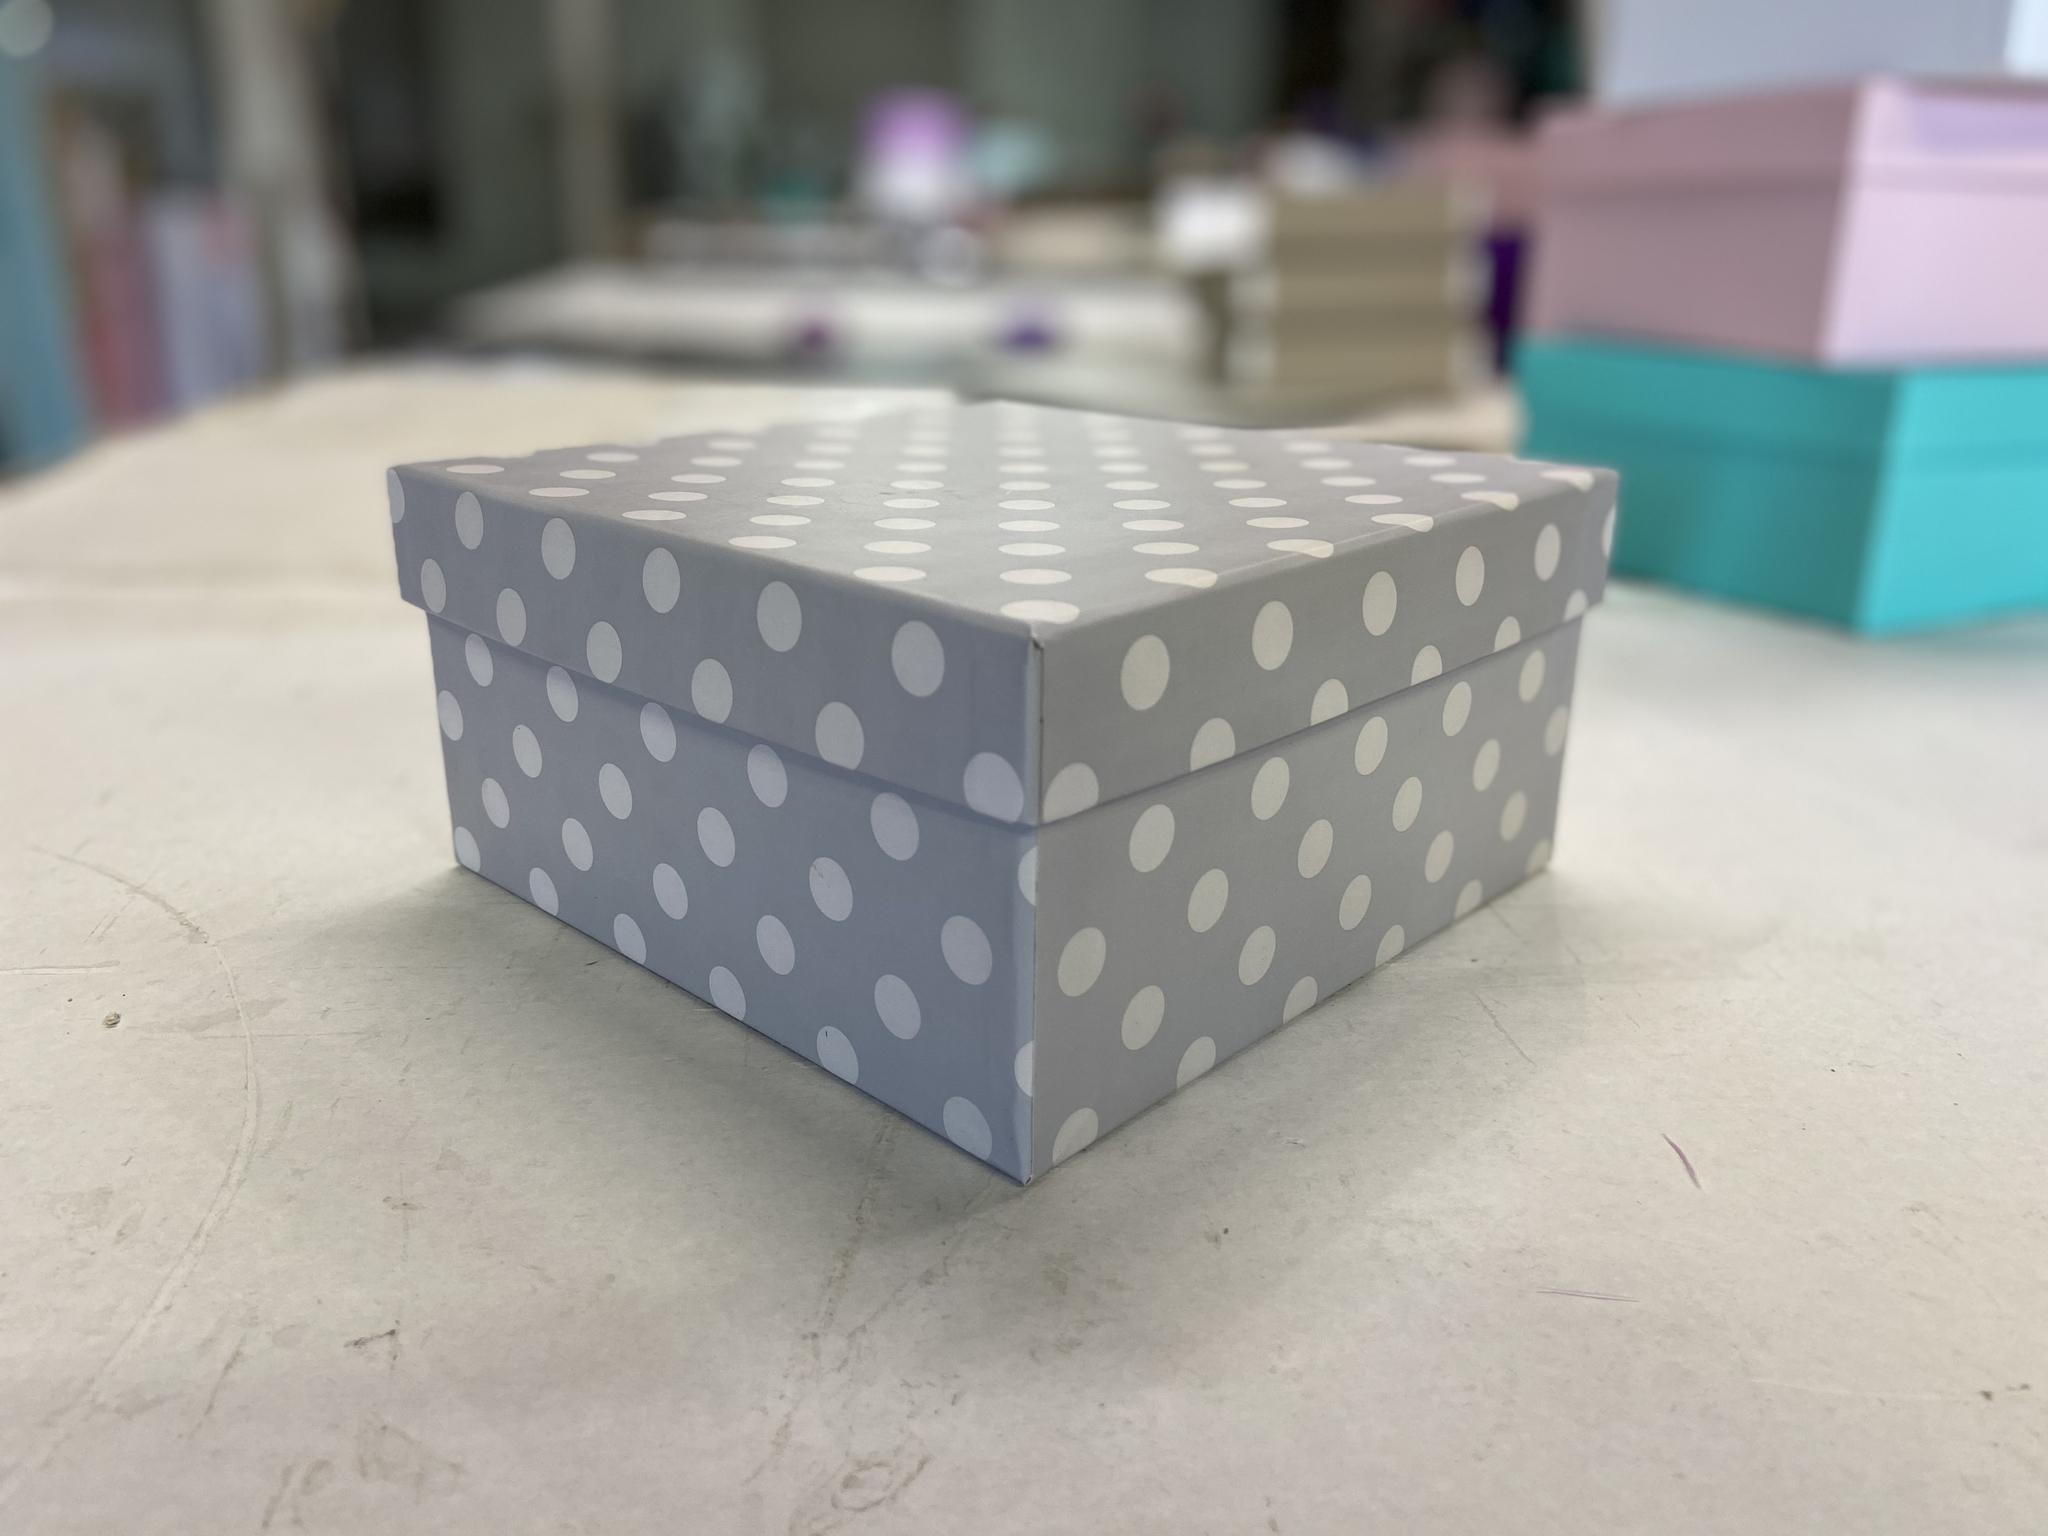 Квадратная коробка 19 см .Цвет; В горох  . В розницу 200 рублей